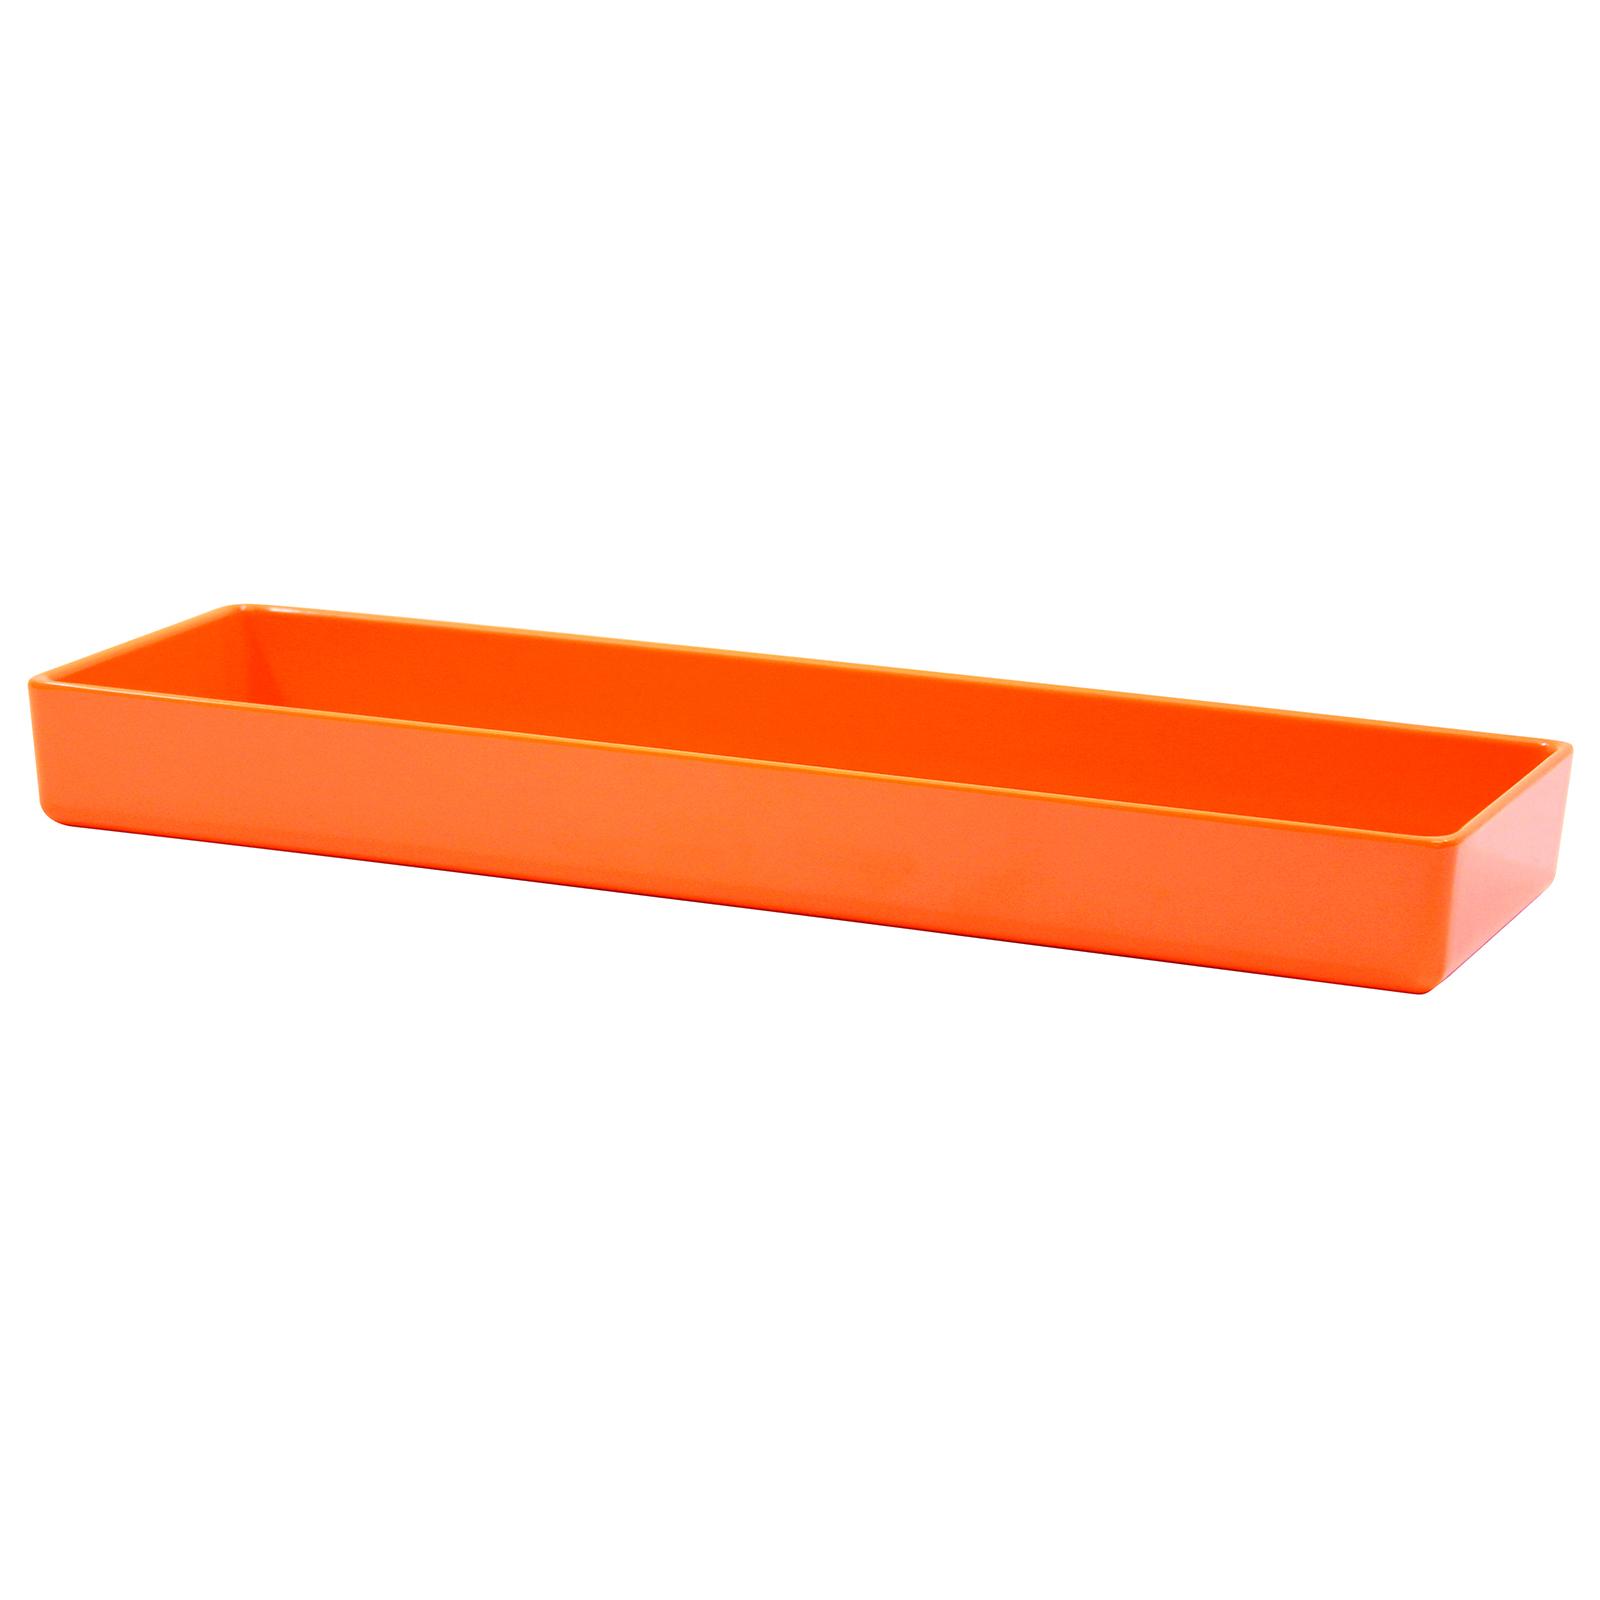 TableCraft Products M4007X bowl, plastic,  1 - 2 qt (32 - 95 oz)